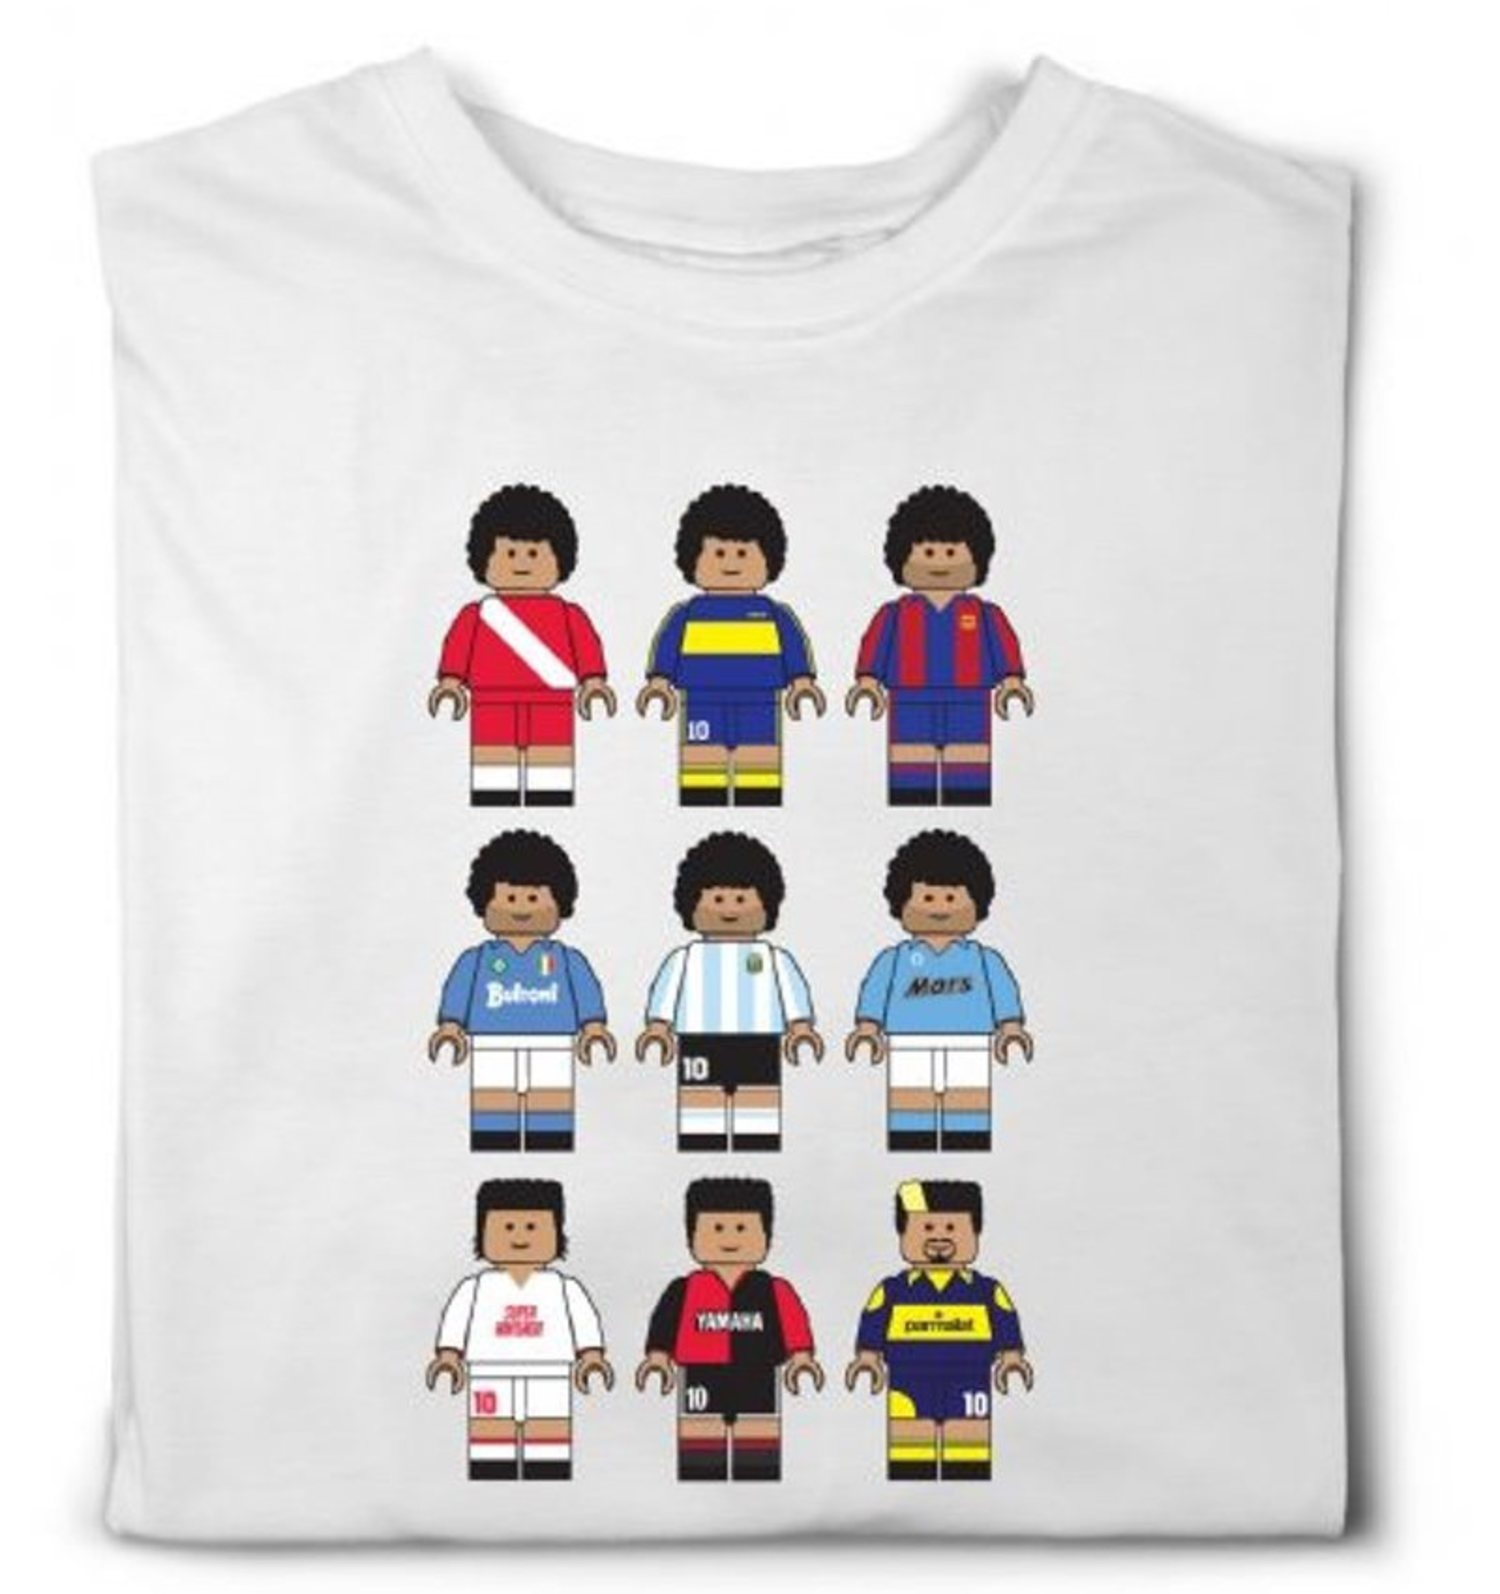 Maradona protagoniza la camiseta más vendida de la marca